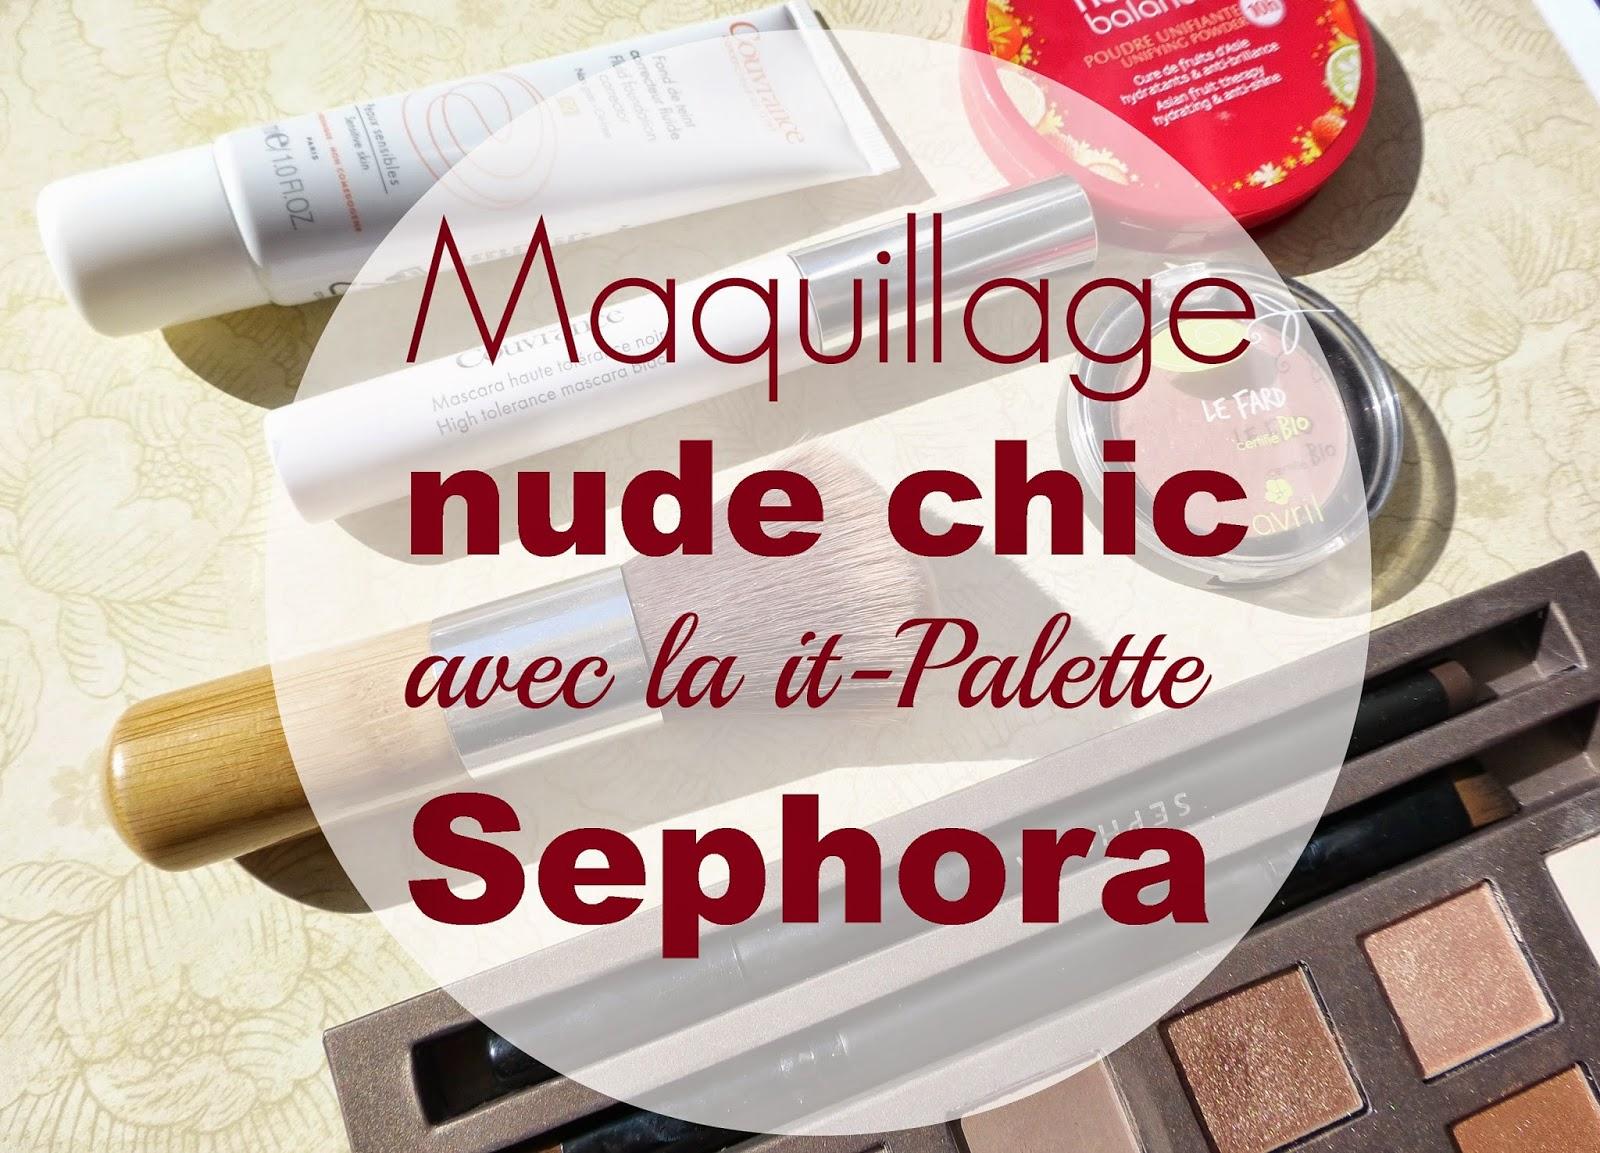 Maquillage Nude-Chic grâce à la it-palette Sephora